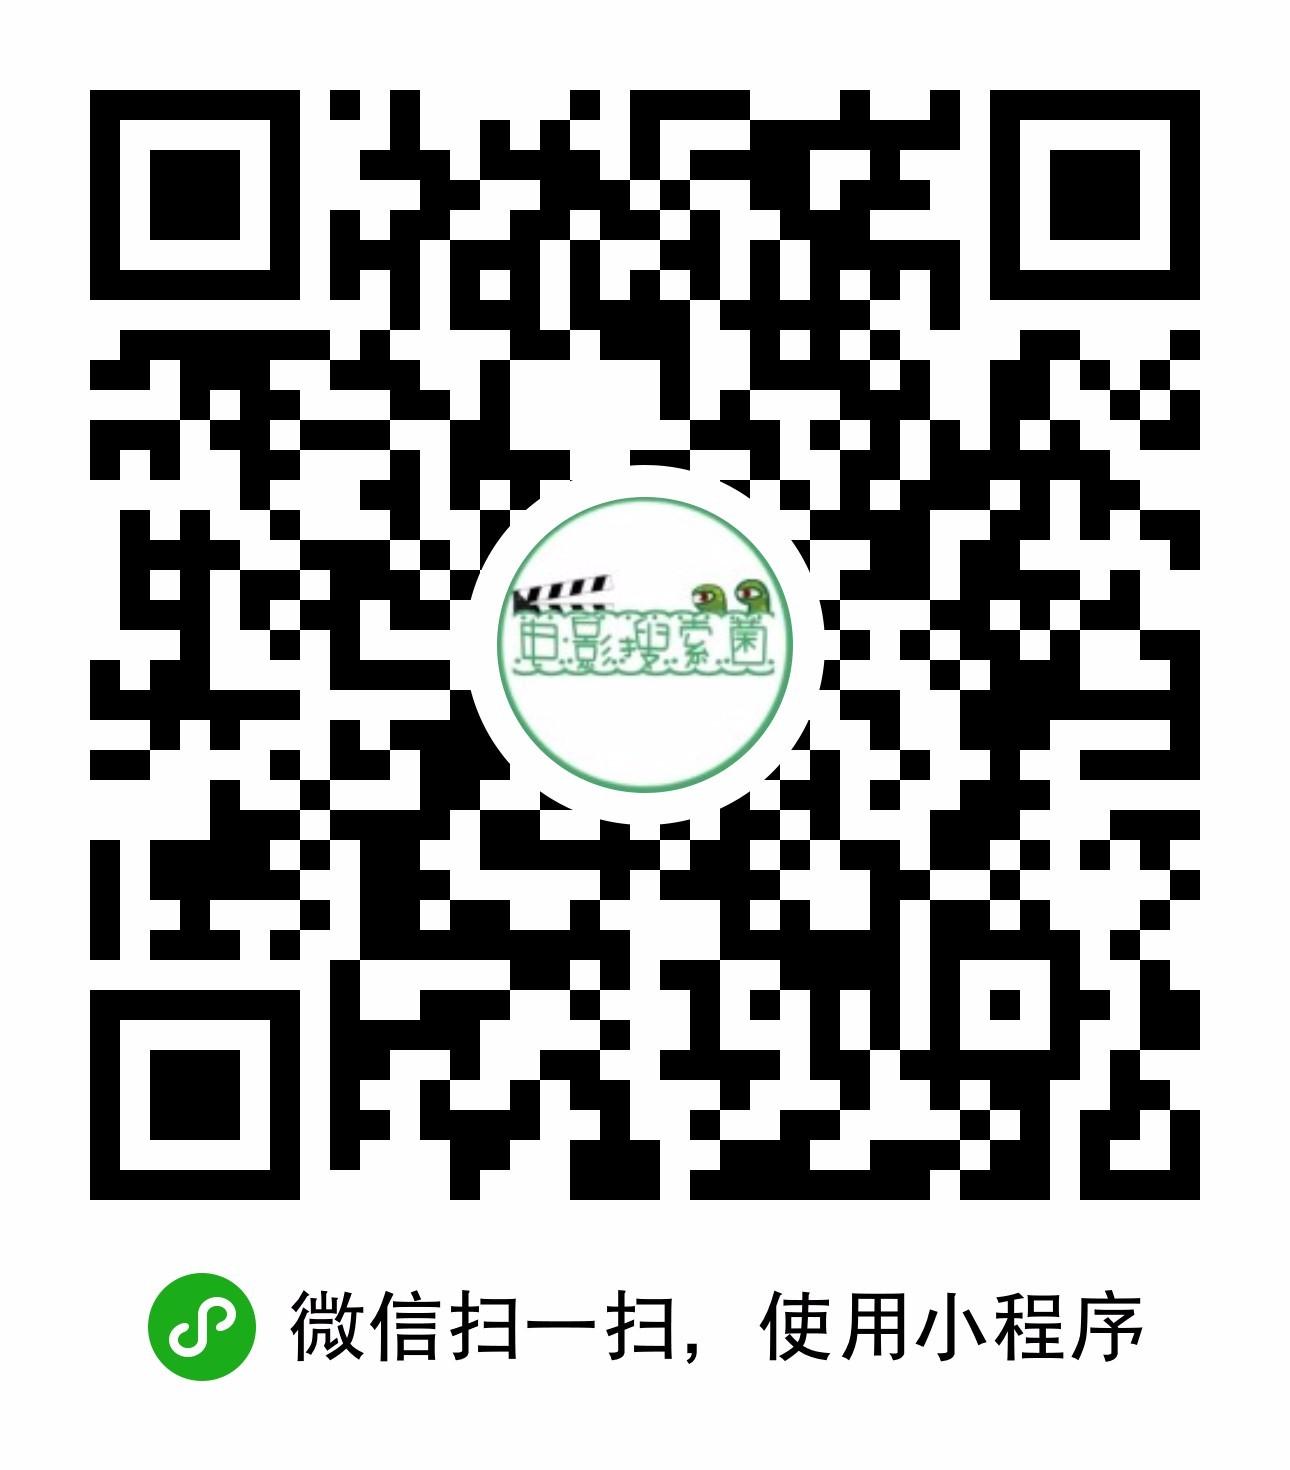 电影搜索菌-微信小程序二维码